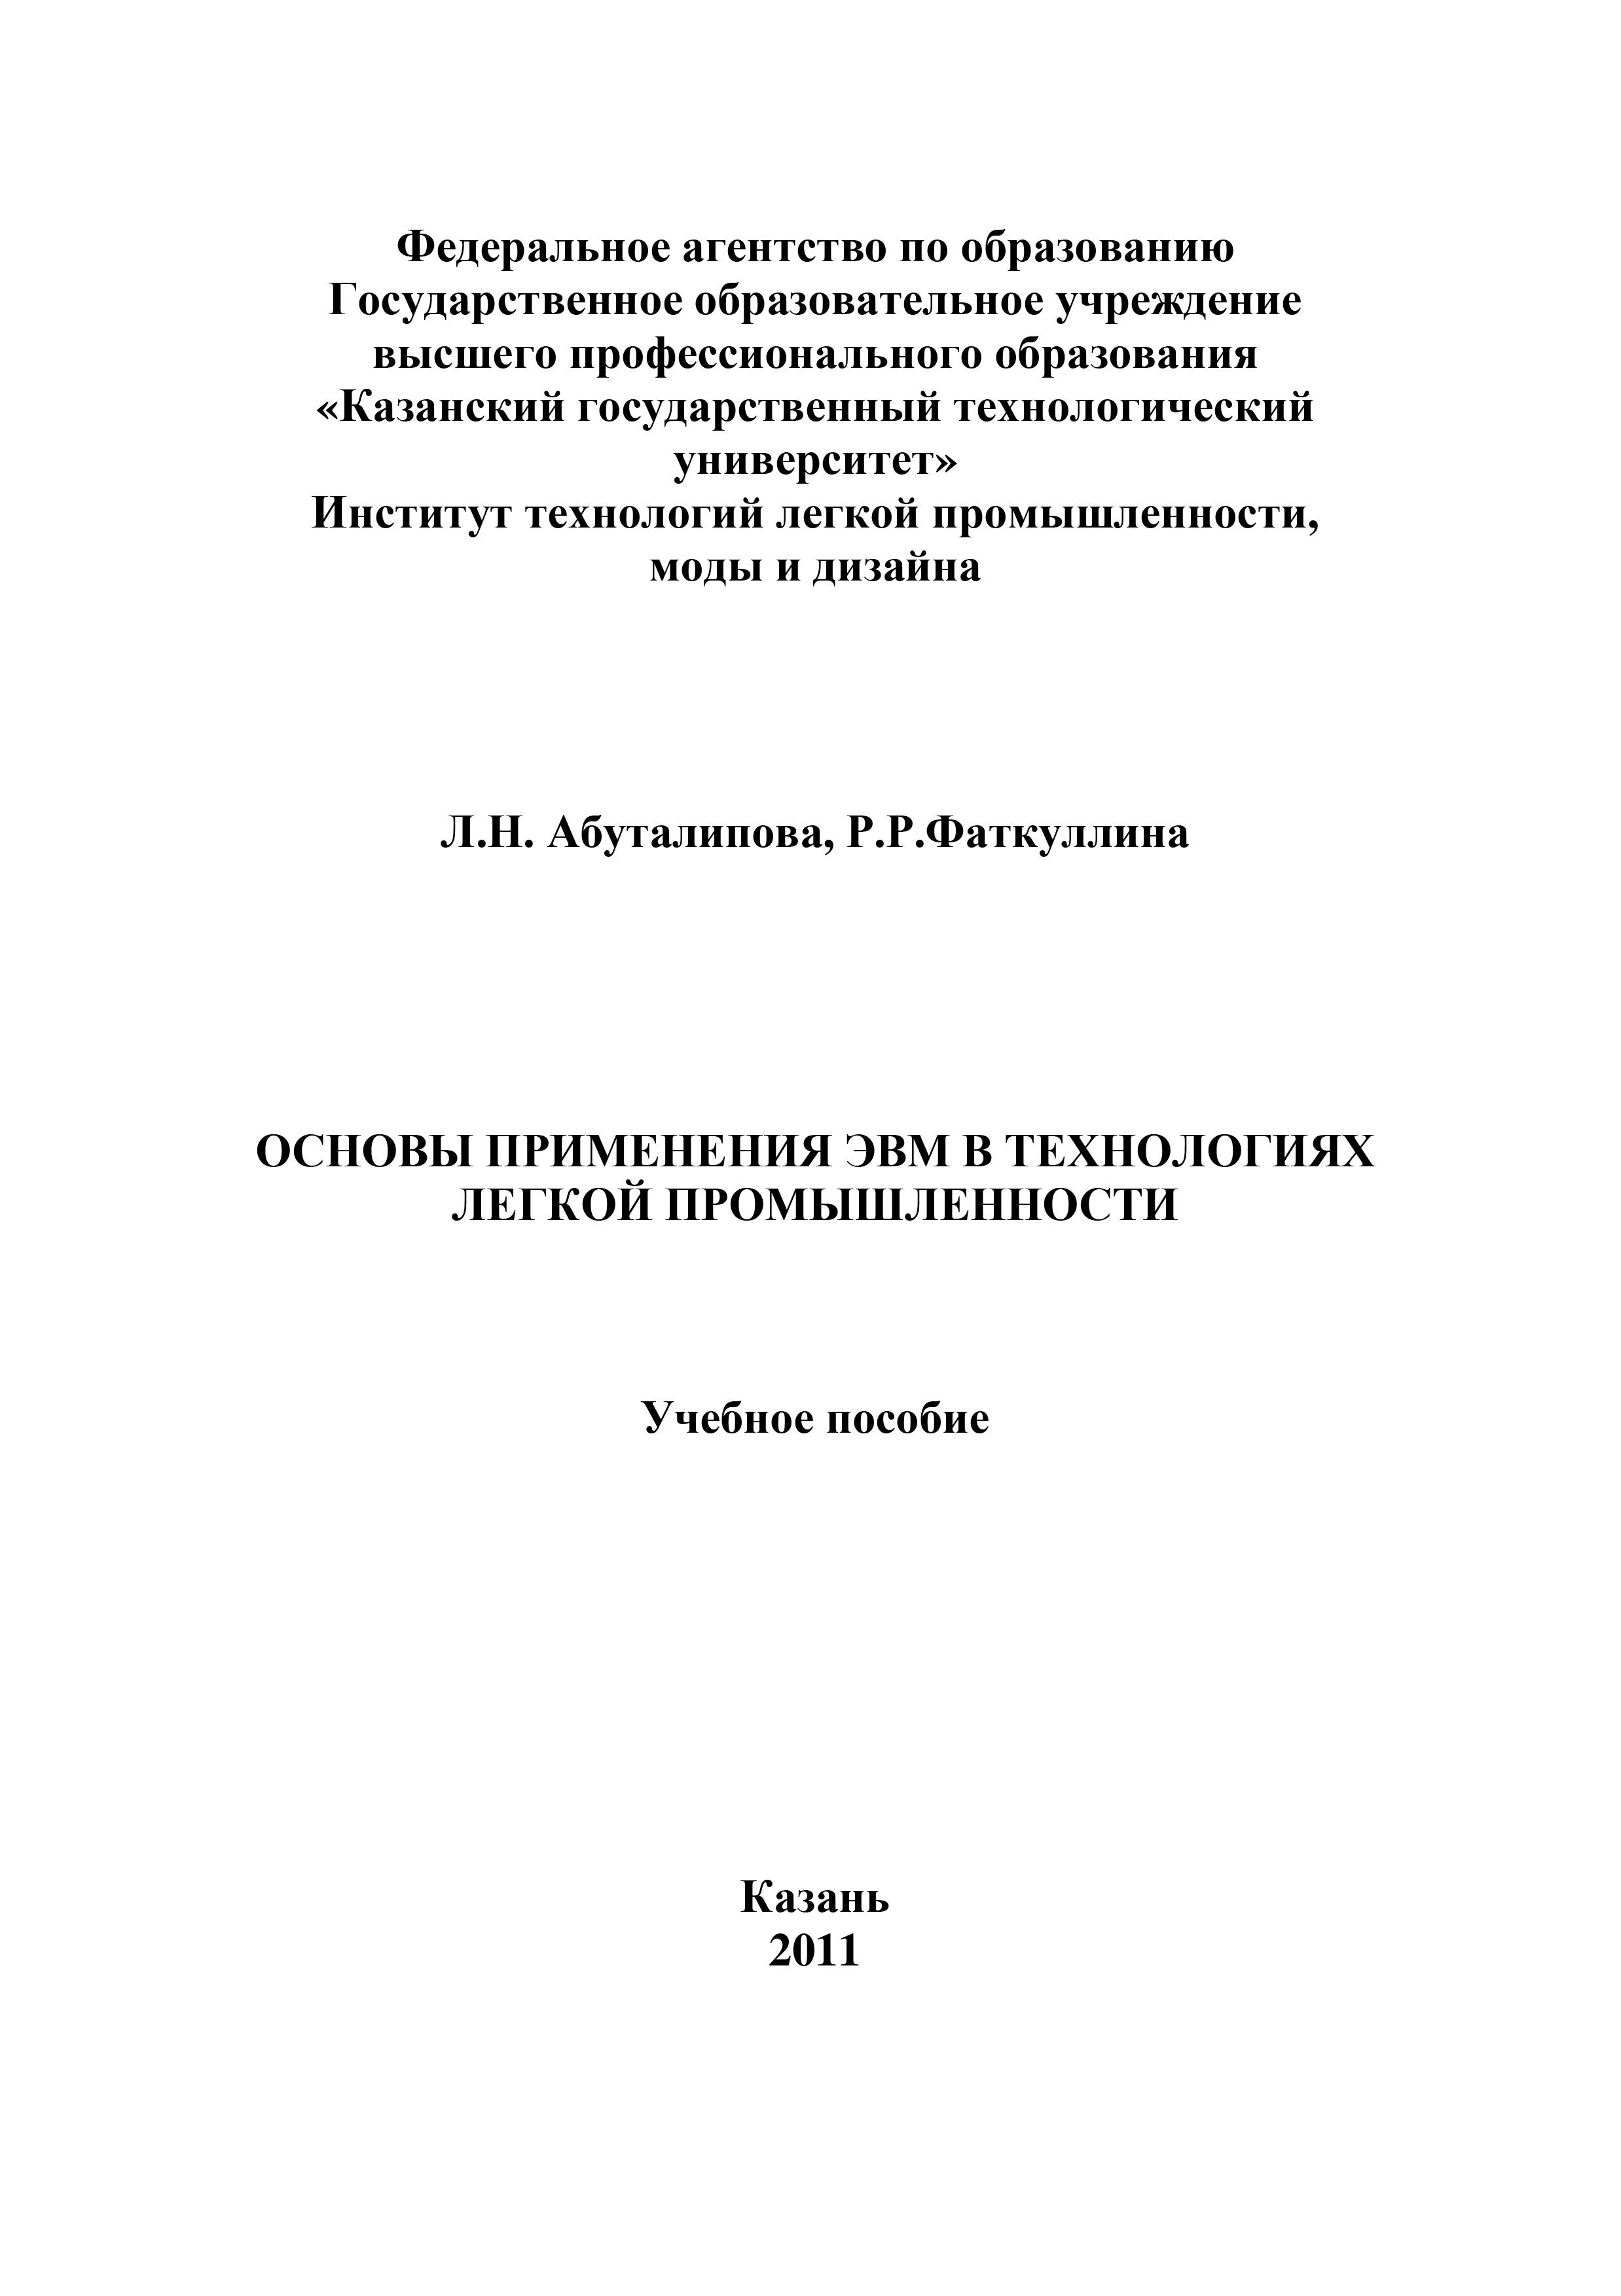 Л. Н. Абуталипова Основы применения ЭВМ в технологиях легкой промышленности н в струмпэ в д сидоров аппаратное обеспечение эвм практикум